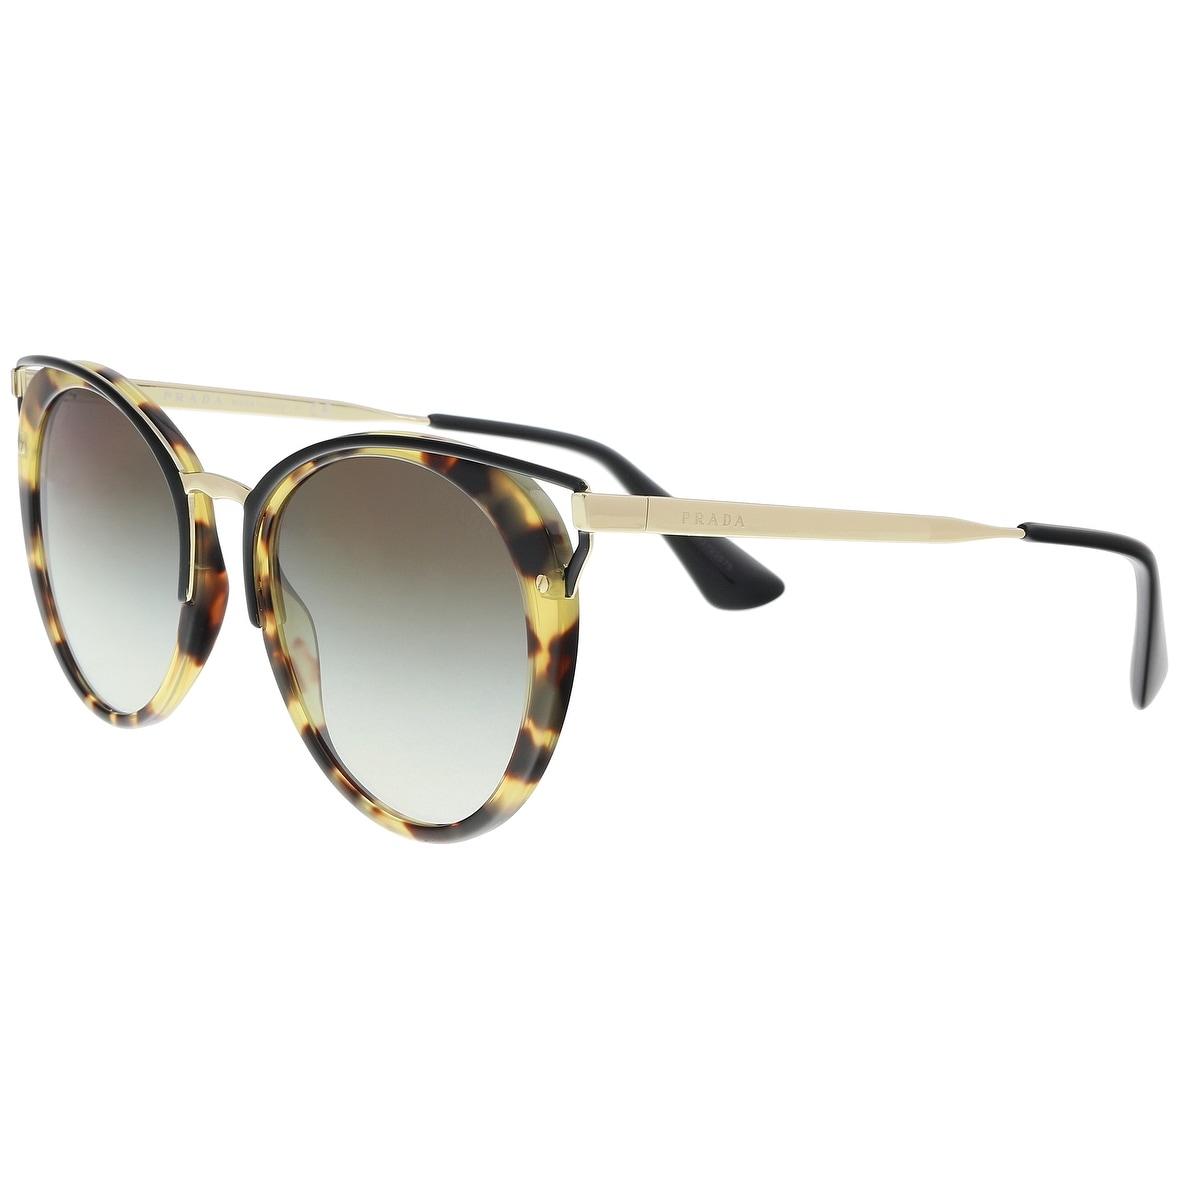 dab7457e88 Prada Sunglasses